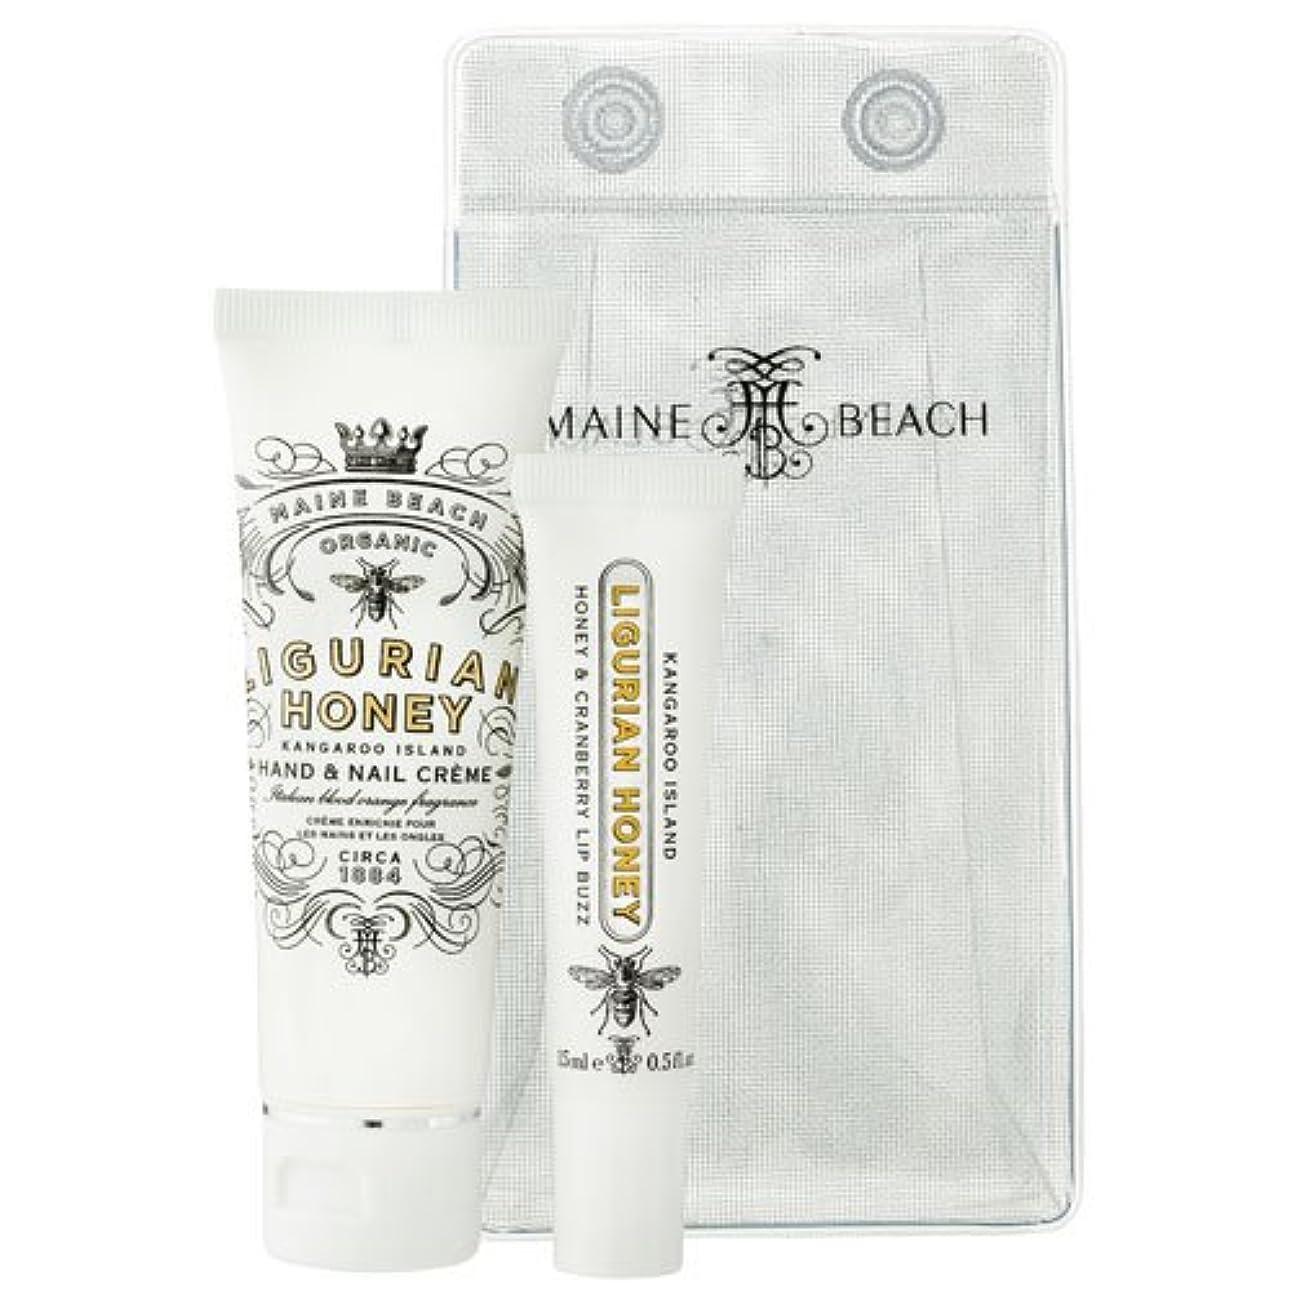 置き場筋冬MAINE BEACH マインビーチ リグリアンハニーシリーズ  Essentials DUO Pack エッセンシャル デュオ パック